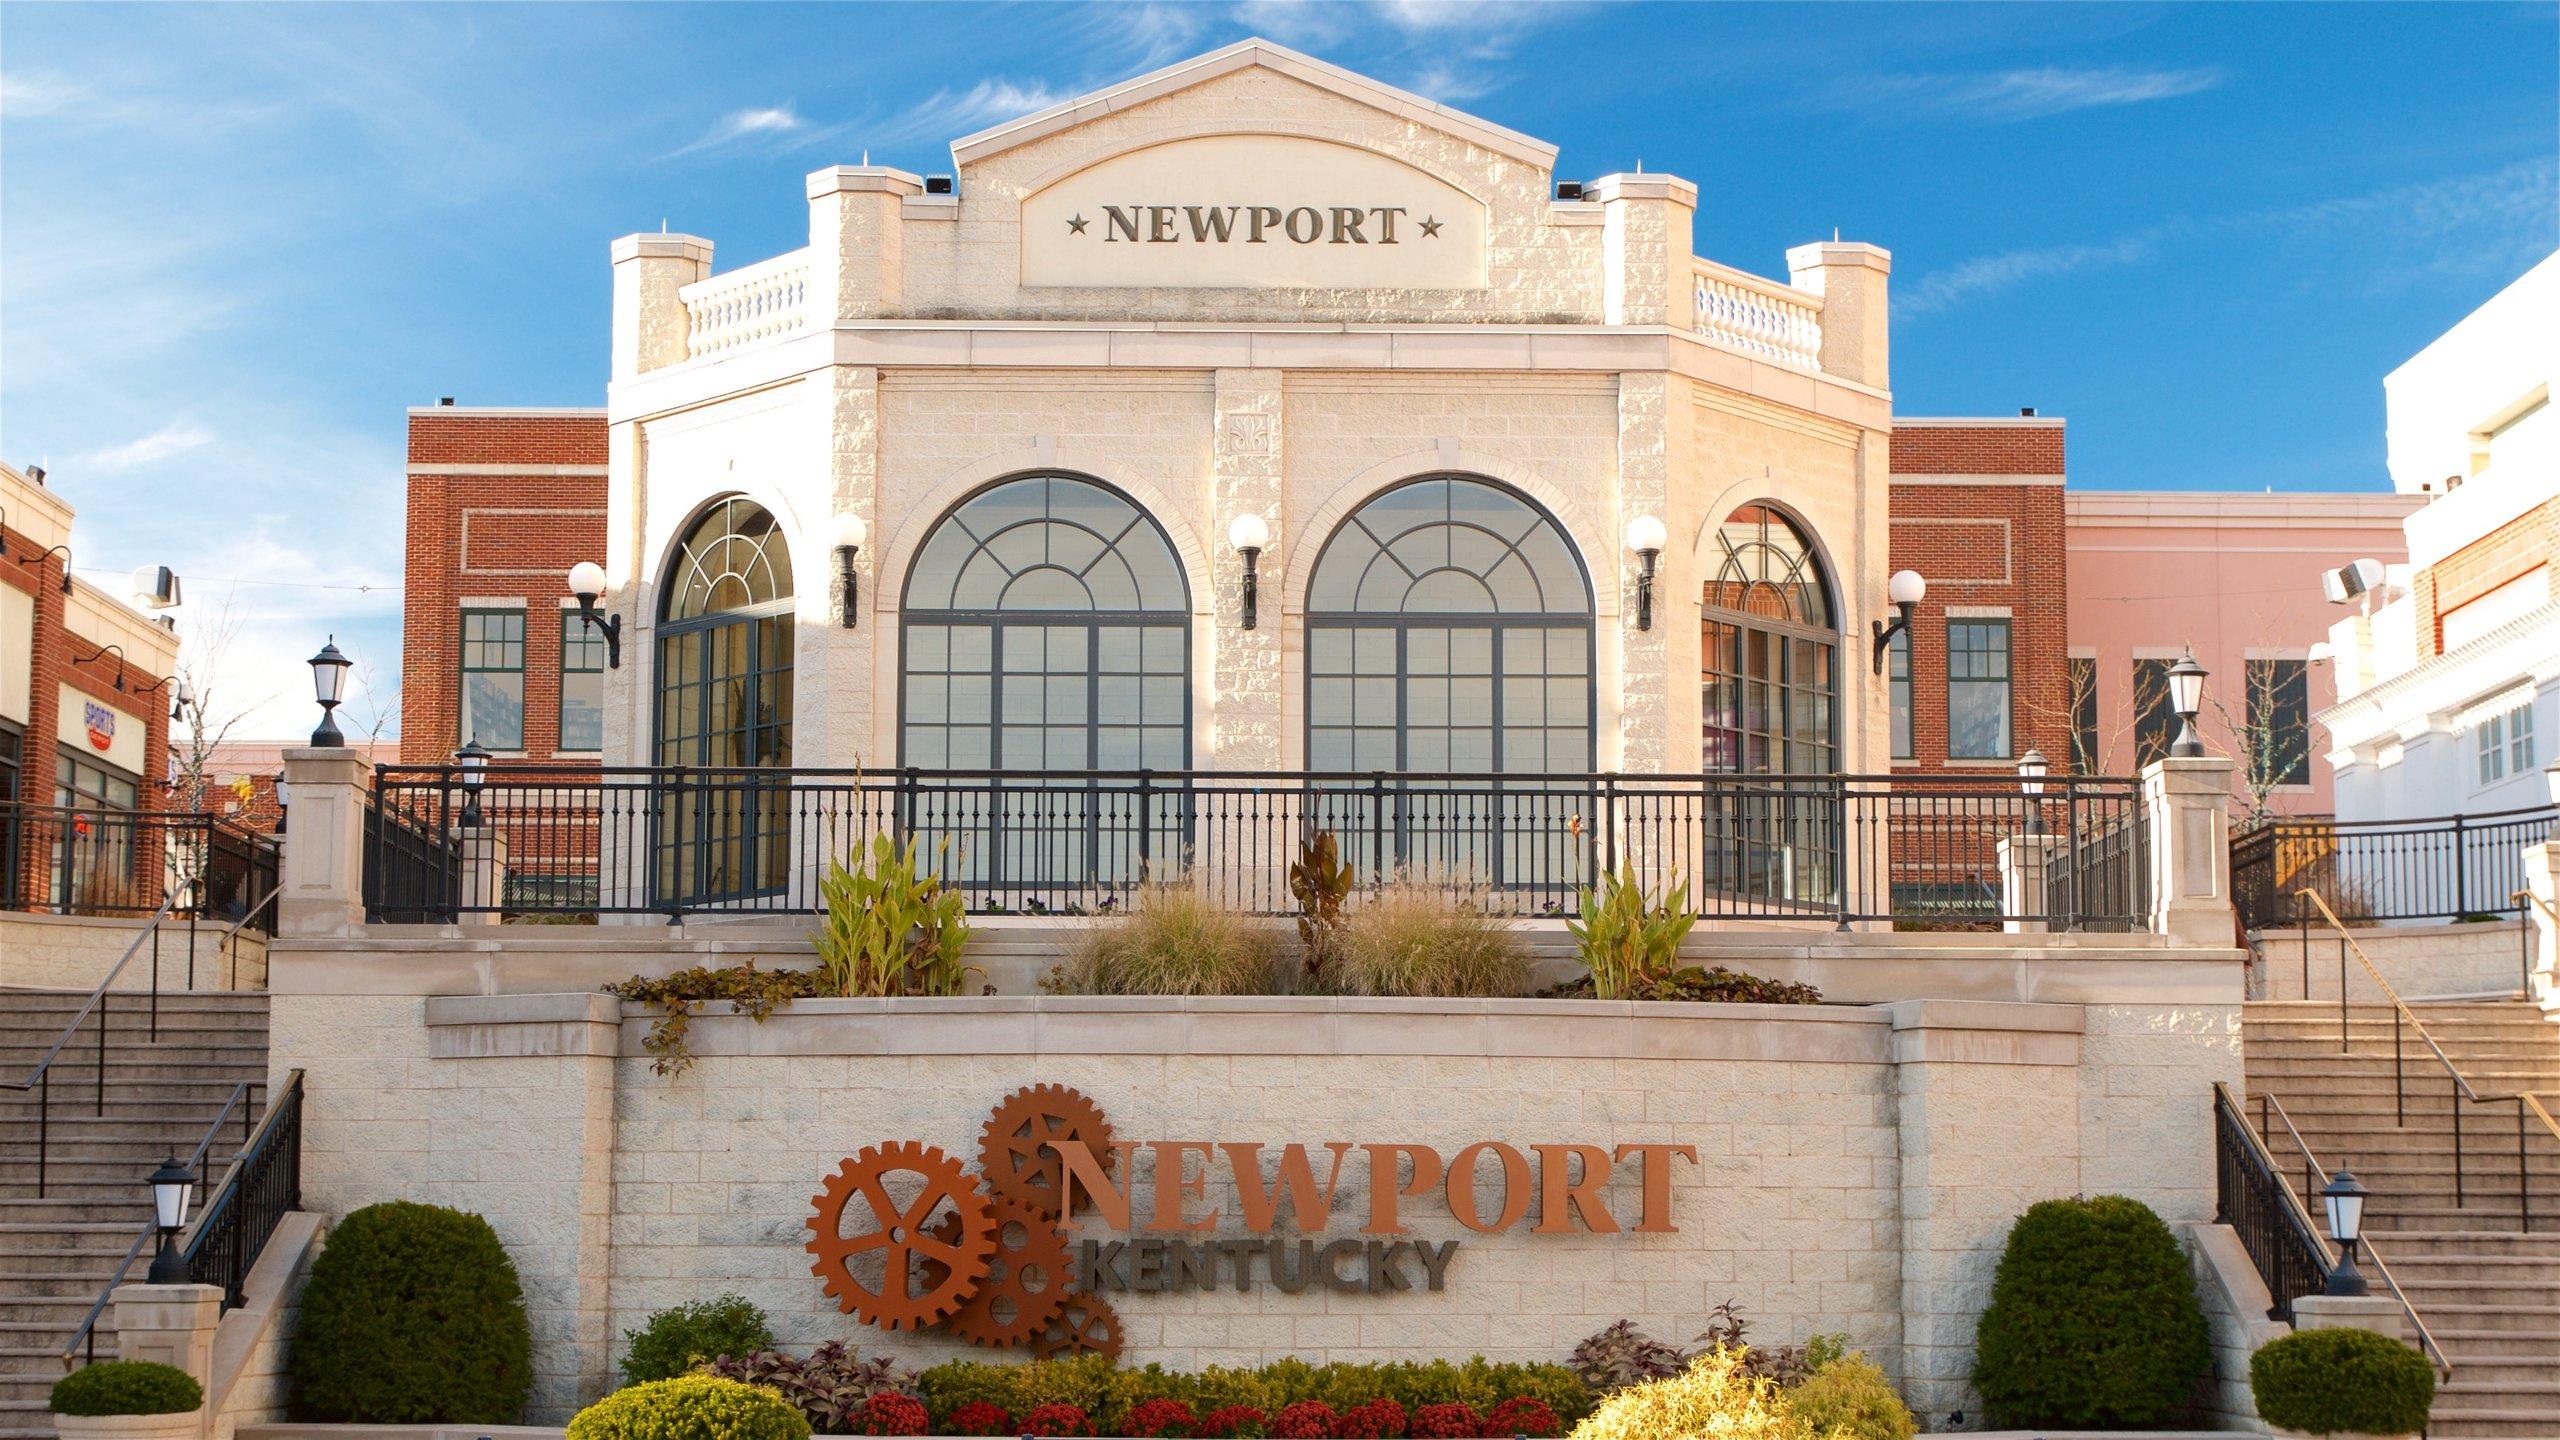 Newport joka esittää kyltit